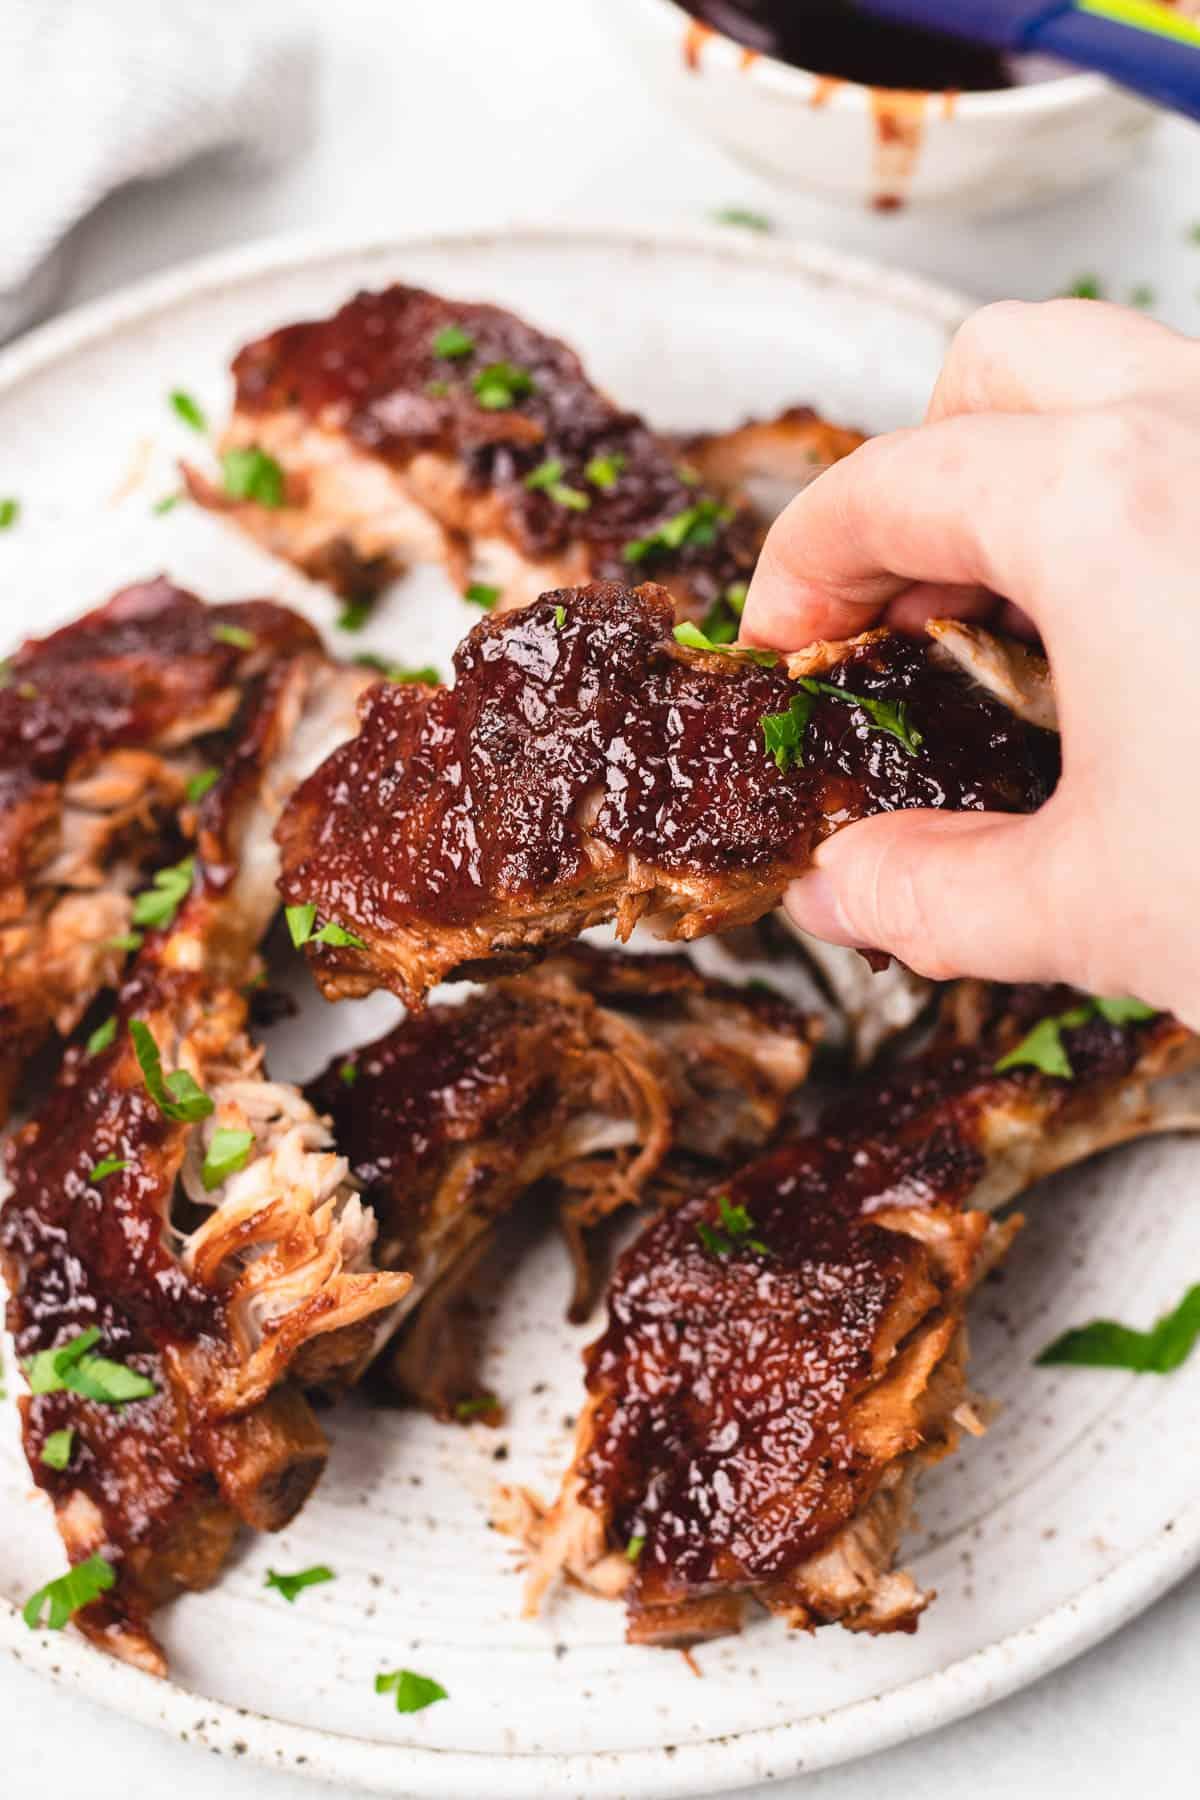 Precut BBQ Ribs on a white plate.